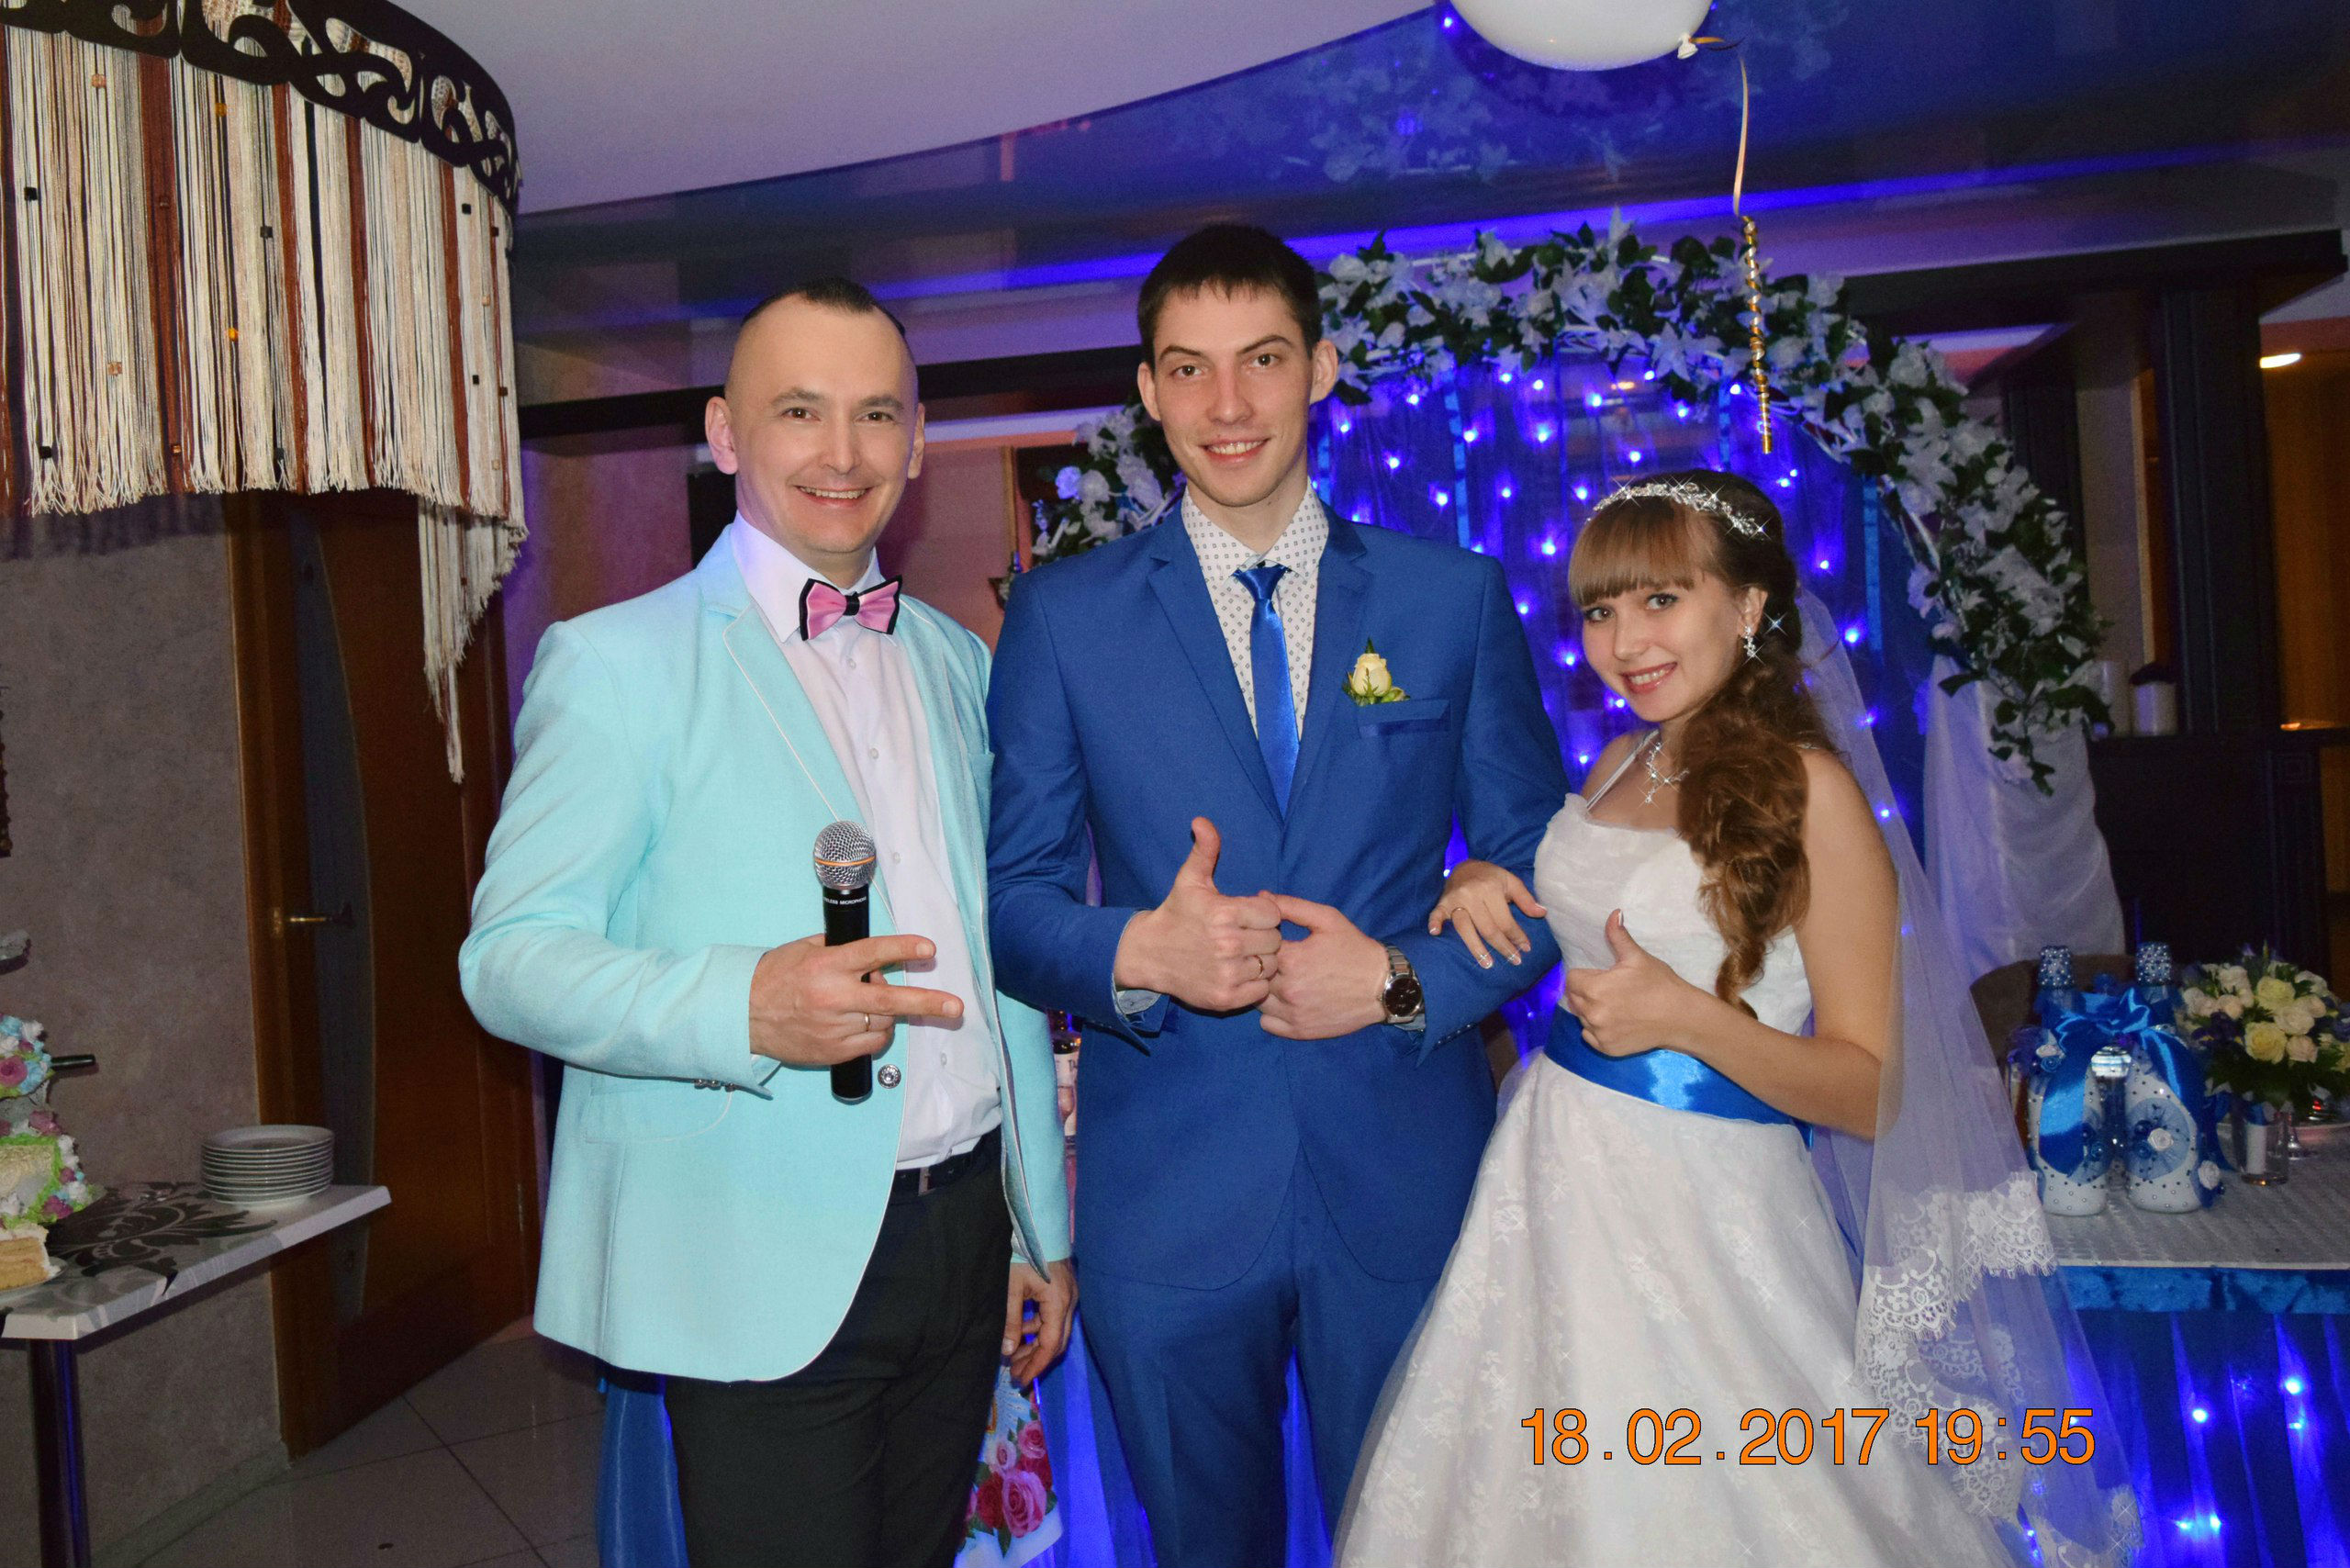 18 февраля 2017 г. Волгоград. ресторан Софи. Проведение свадебного торжества Александра и Анастасии. Пусть все Ваши мечты сбываются! Будьте счастливы!